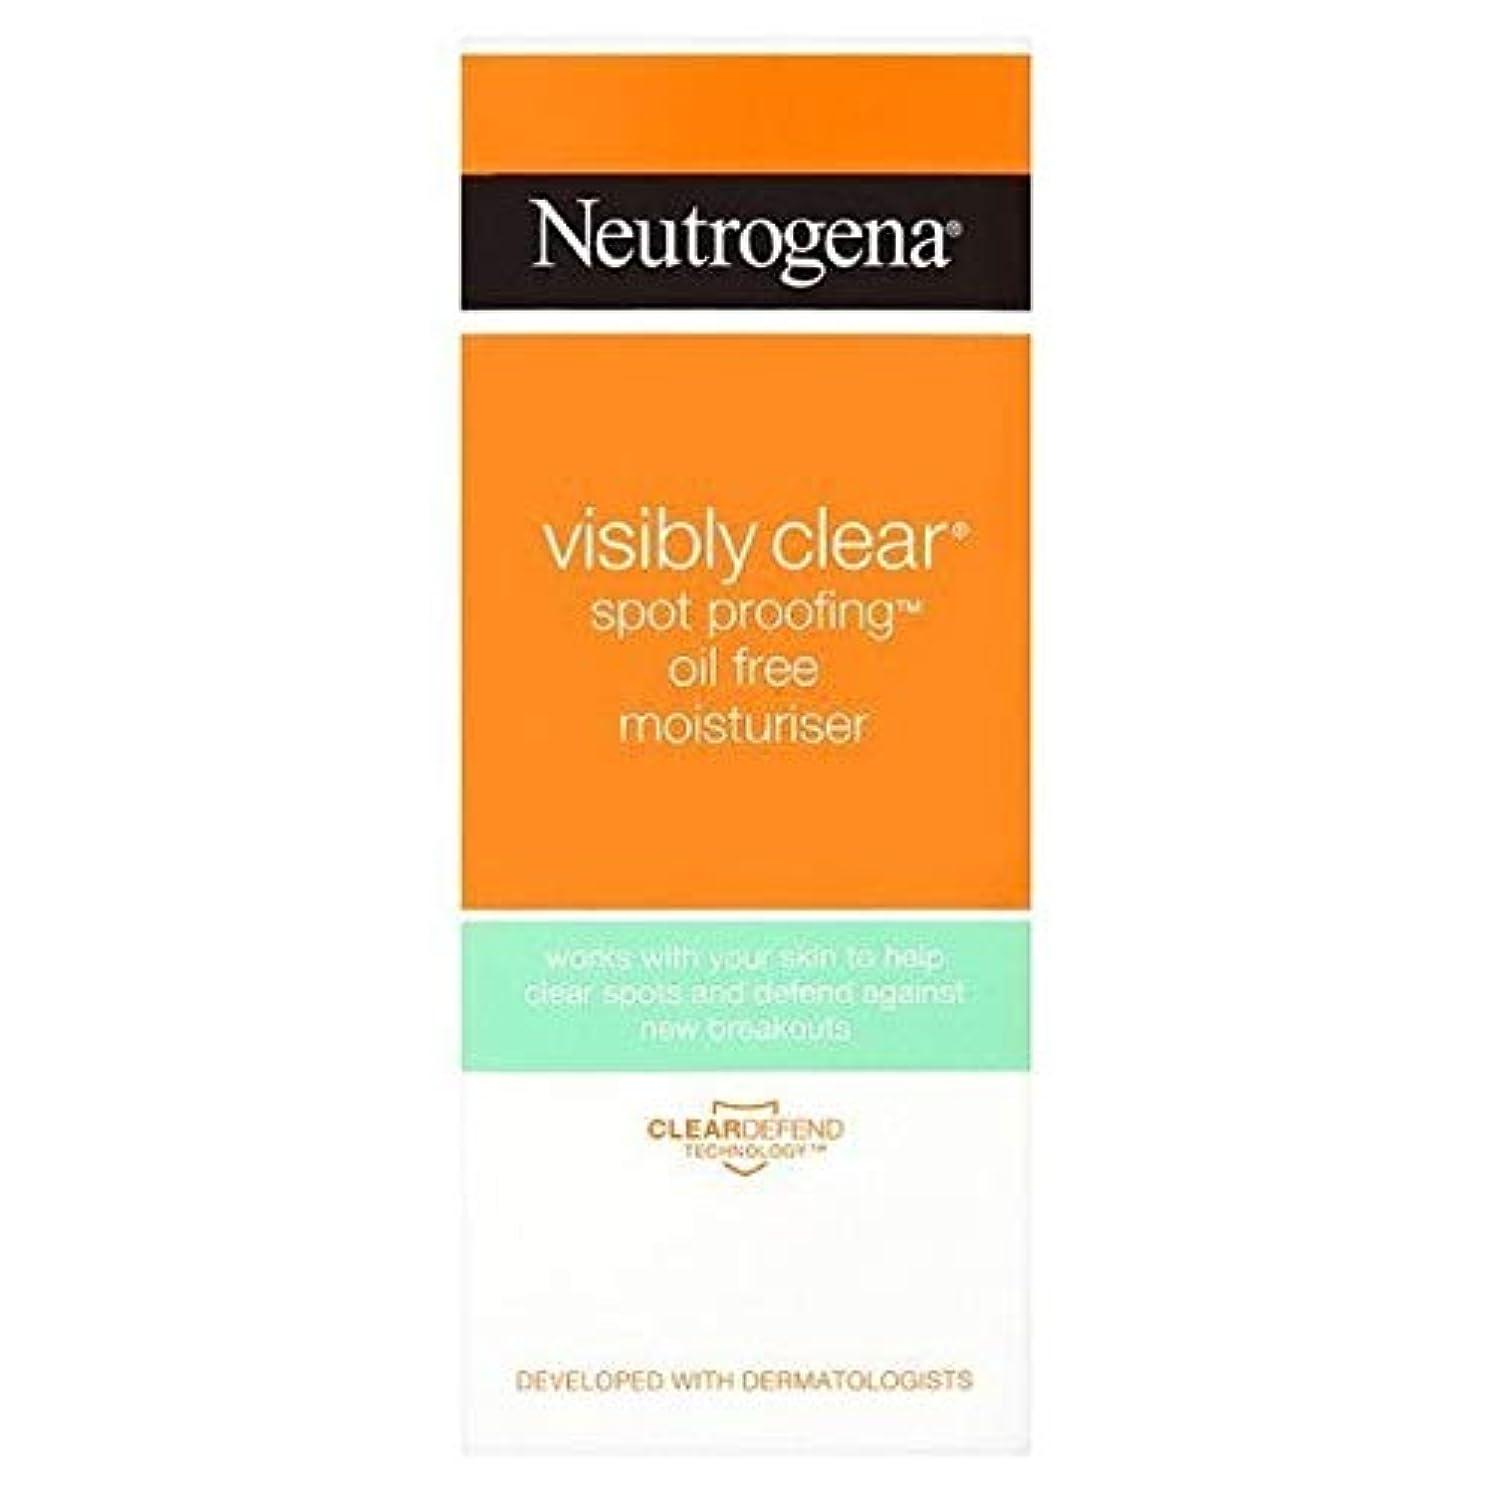 メタンボクシング種をまく[Neutrogena ] ニュートロジーナ目に見えて明らかスポットプルーフ保湿50ミリリットル - Neutrogena Visibly Clear Spot Proofing Moisturiser 50ml [並行輸入品]